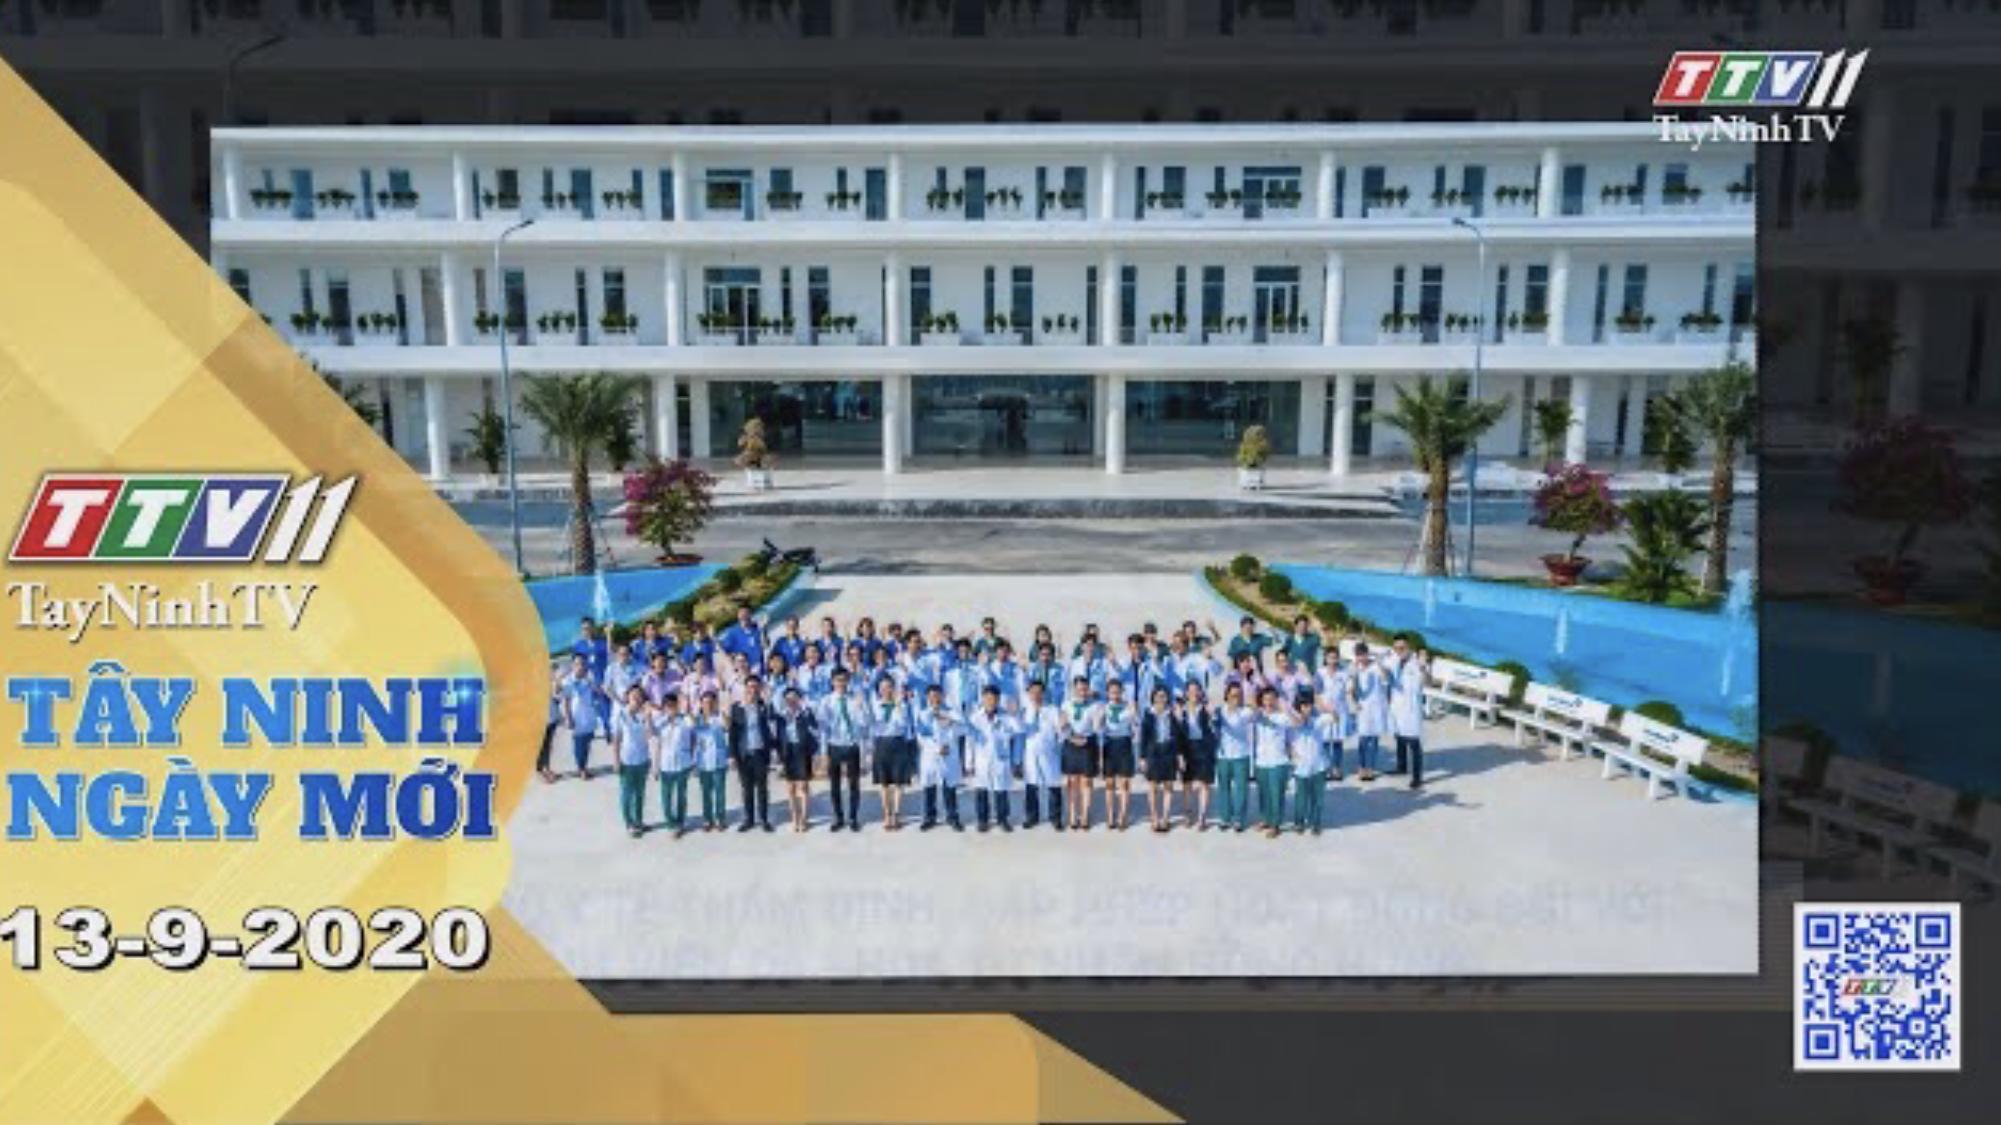 Tây Ninh Ngày Mới 13-9-2020 | Tin tức hôm nay | TayNinhTV